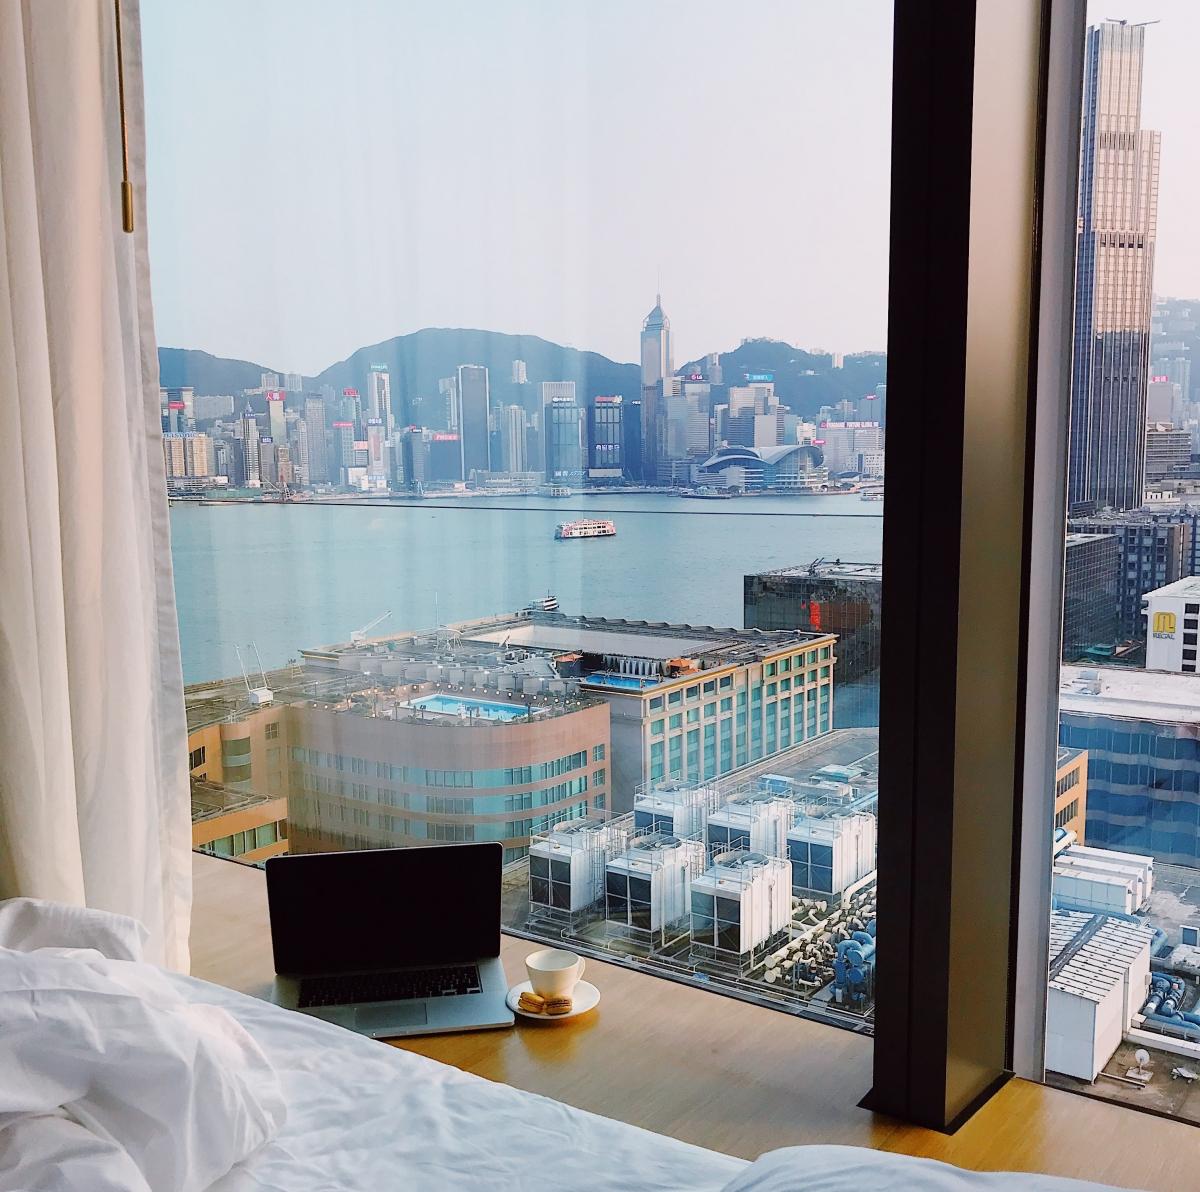 Chọn các khách sạn để làm việc từ xa là một xu hướng mới nổi trong đại dịch Covid-19. Nguồn: Pexels